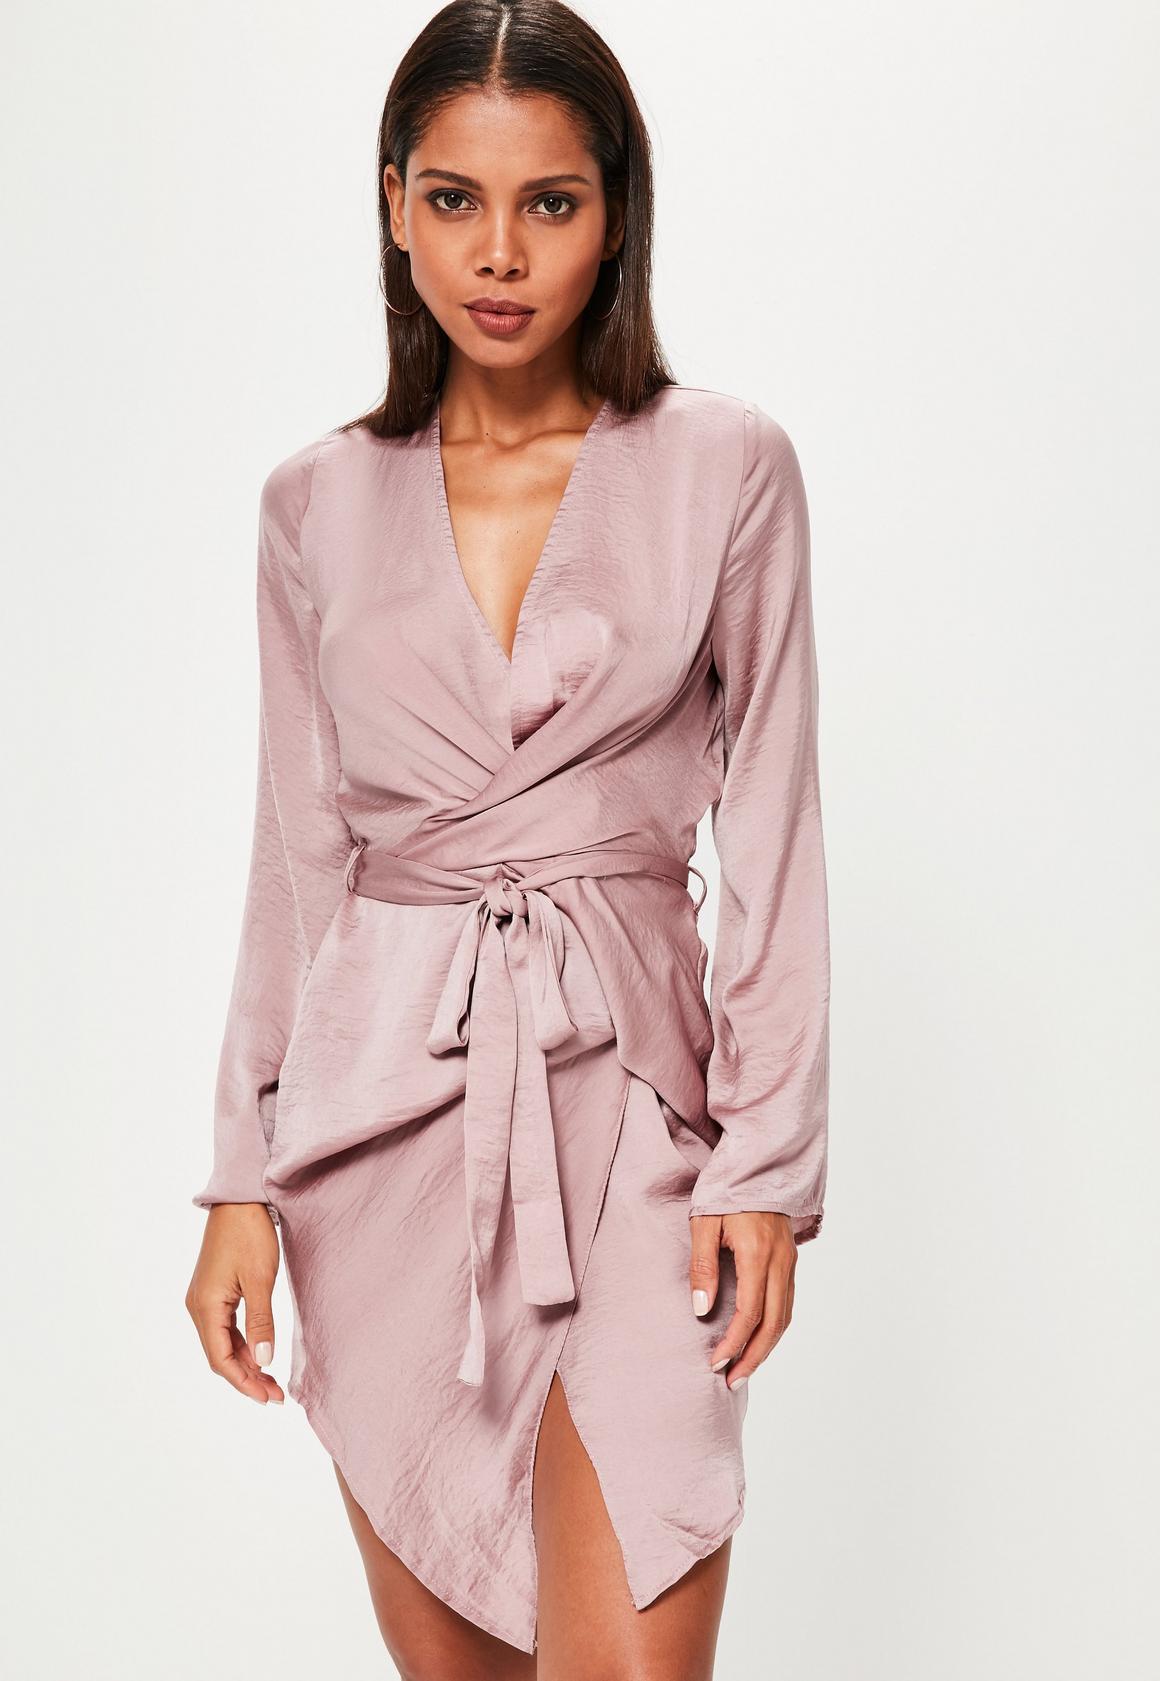 Vestido cruzado estilo kimono de manga larga rosa | Missguided